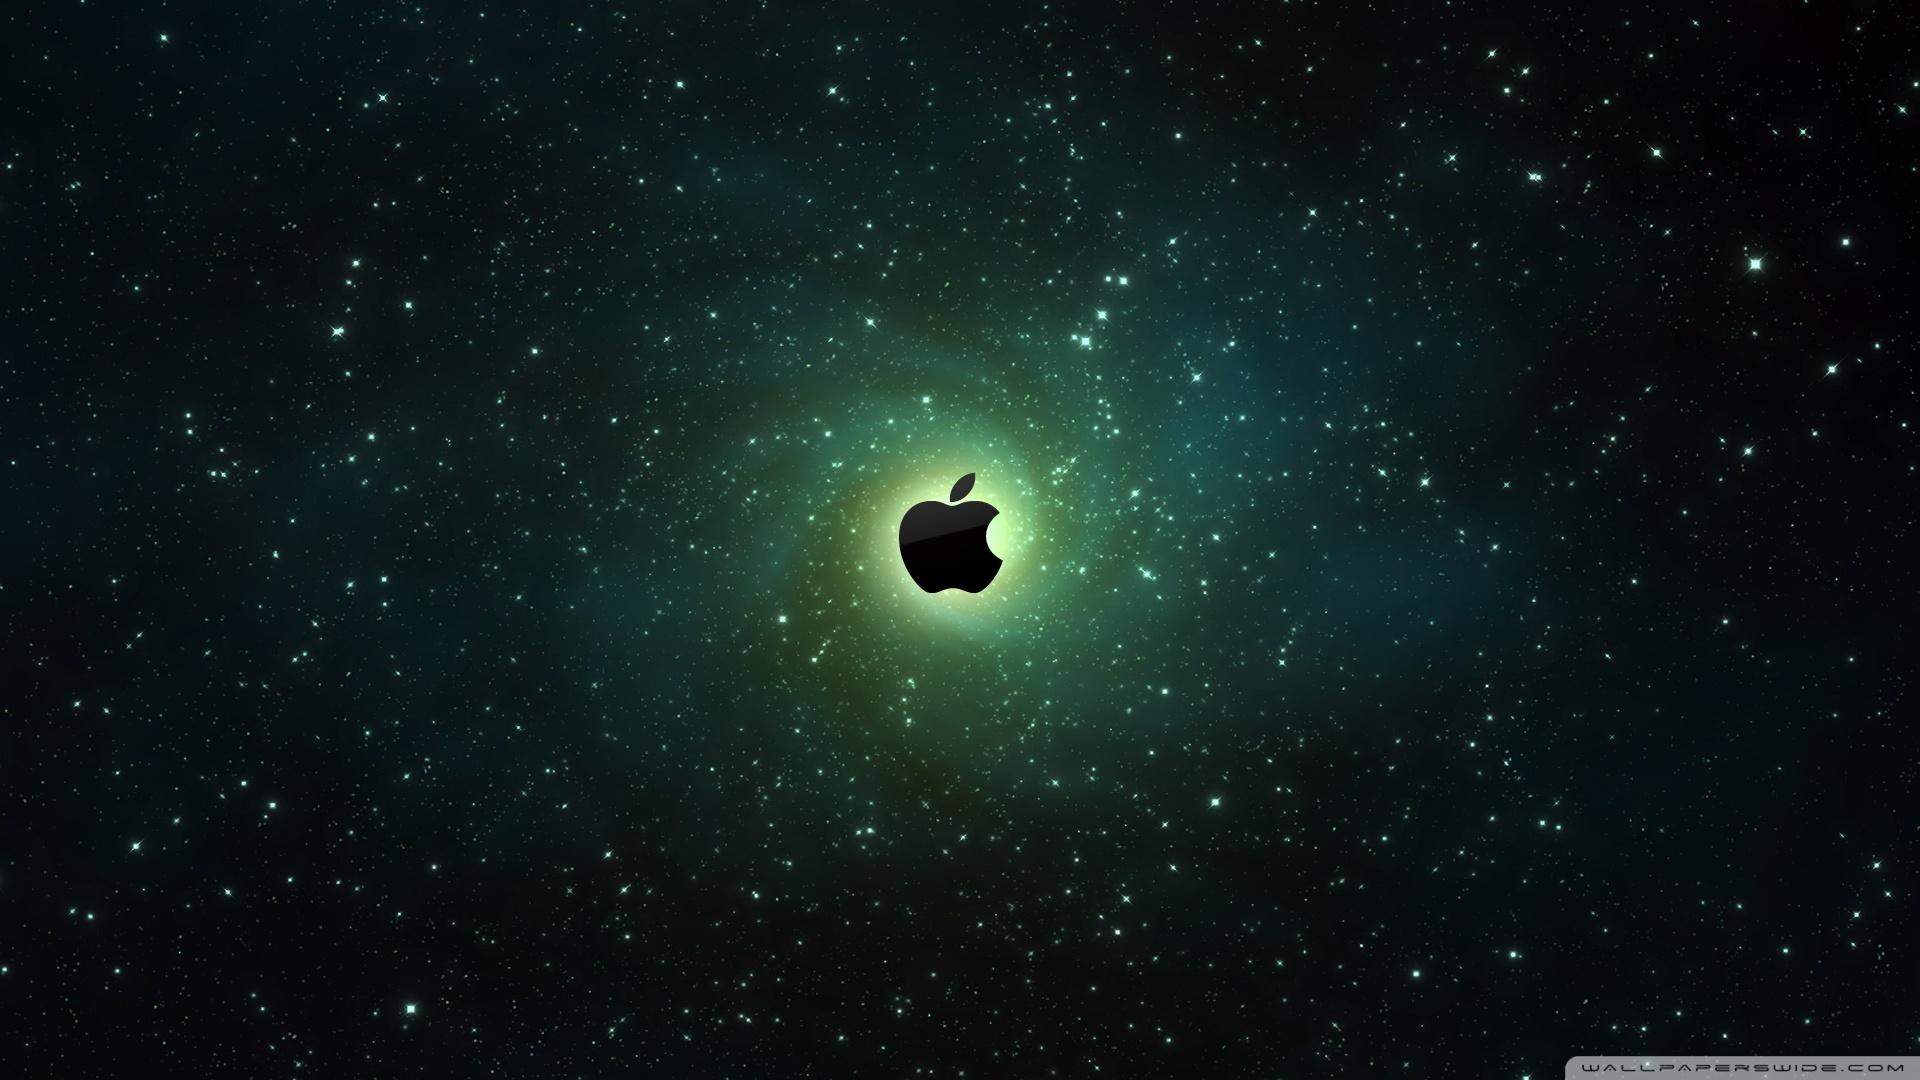 Apple Galaxy HD desktop wallpaper : Widescreen : High Definition